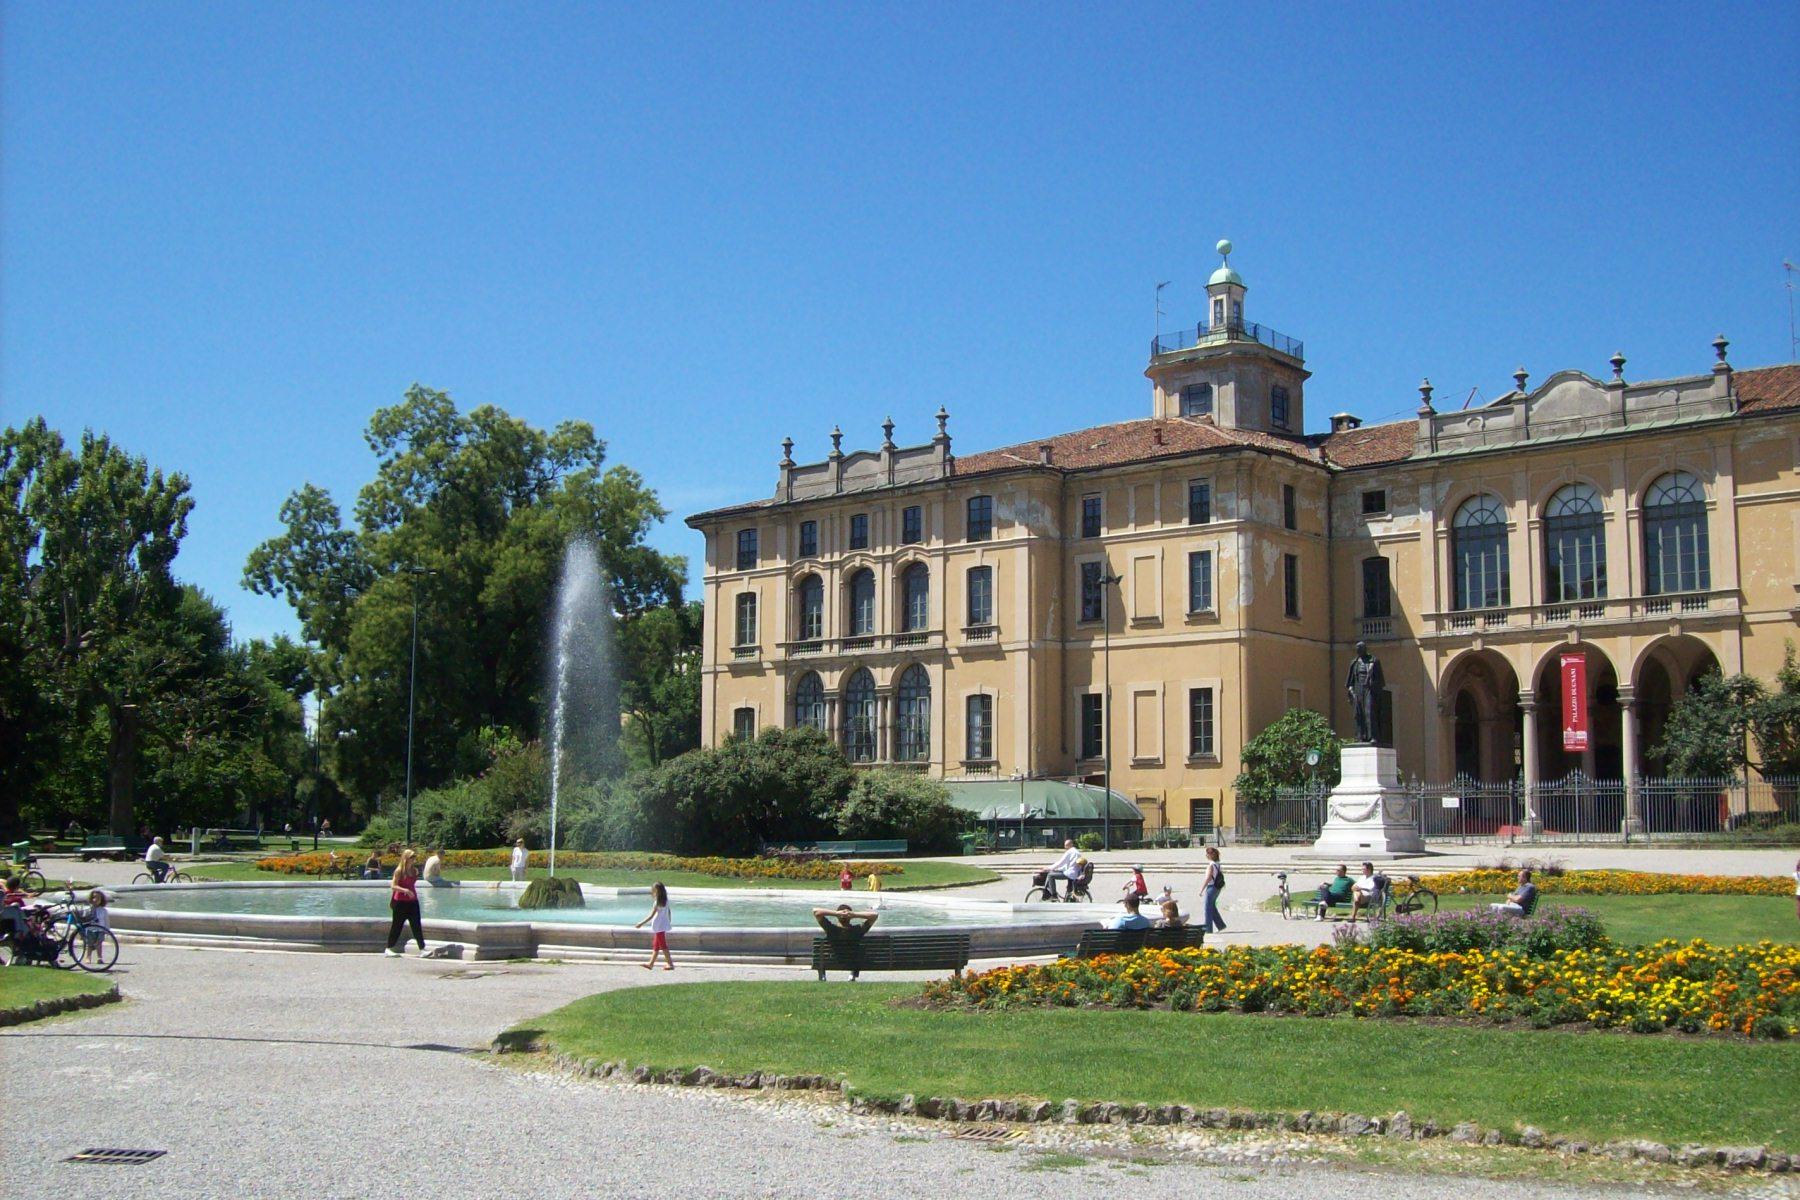 giardini indro montanelli porta Venezia milan italy park